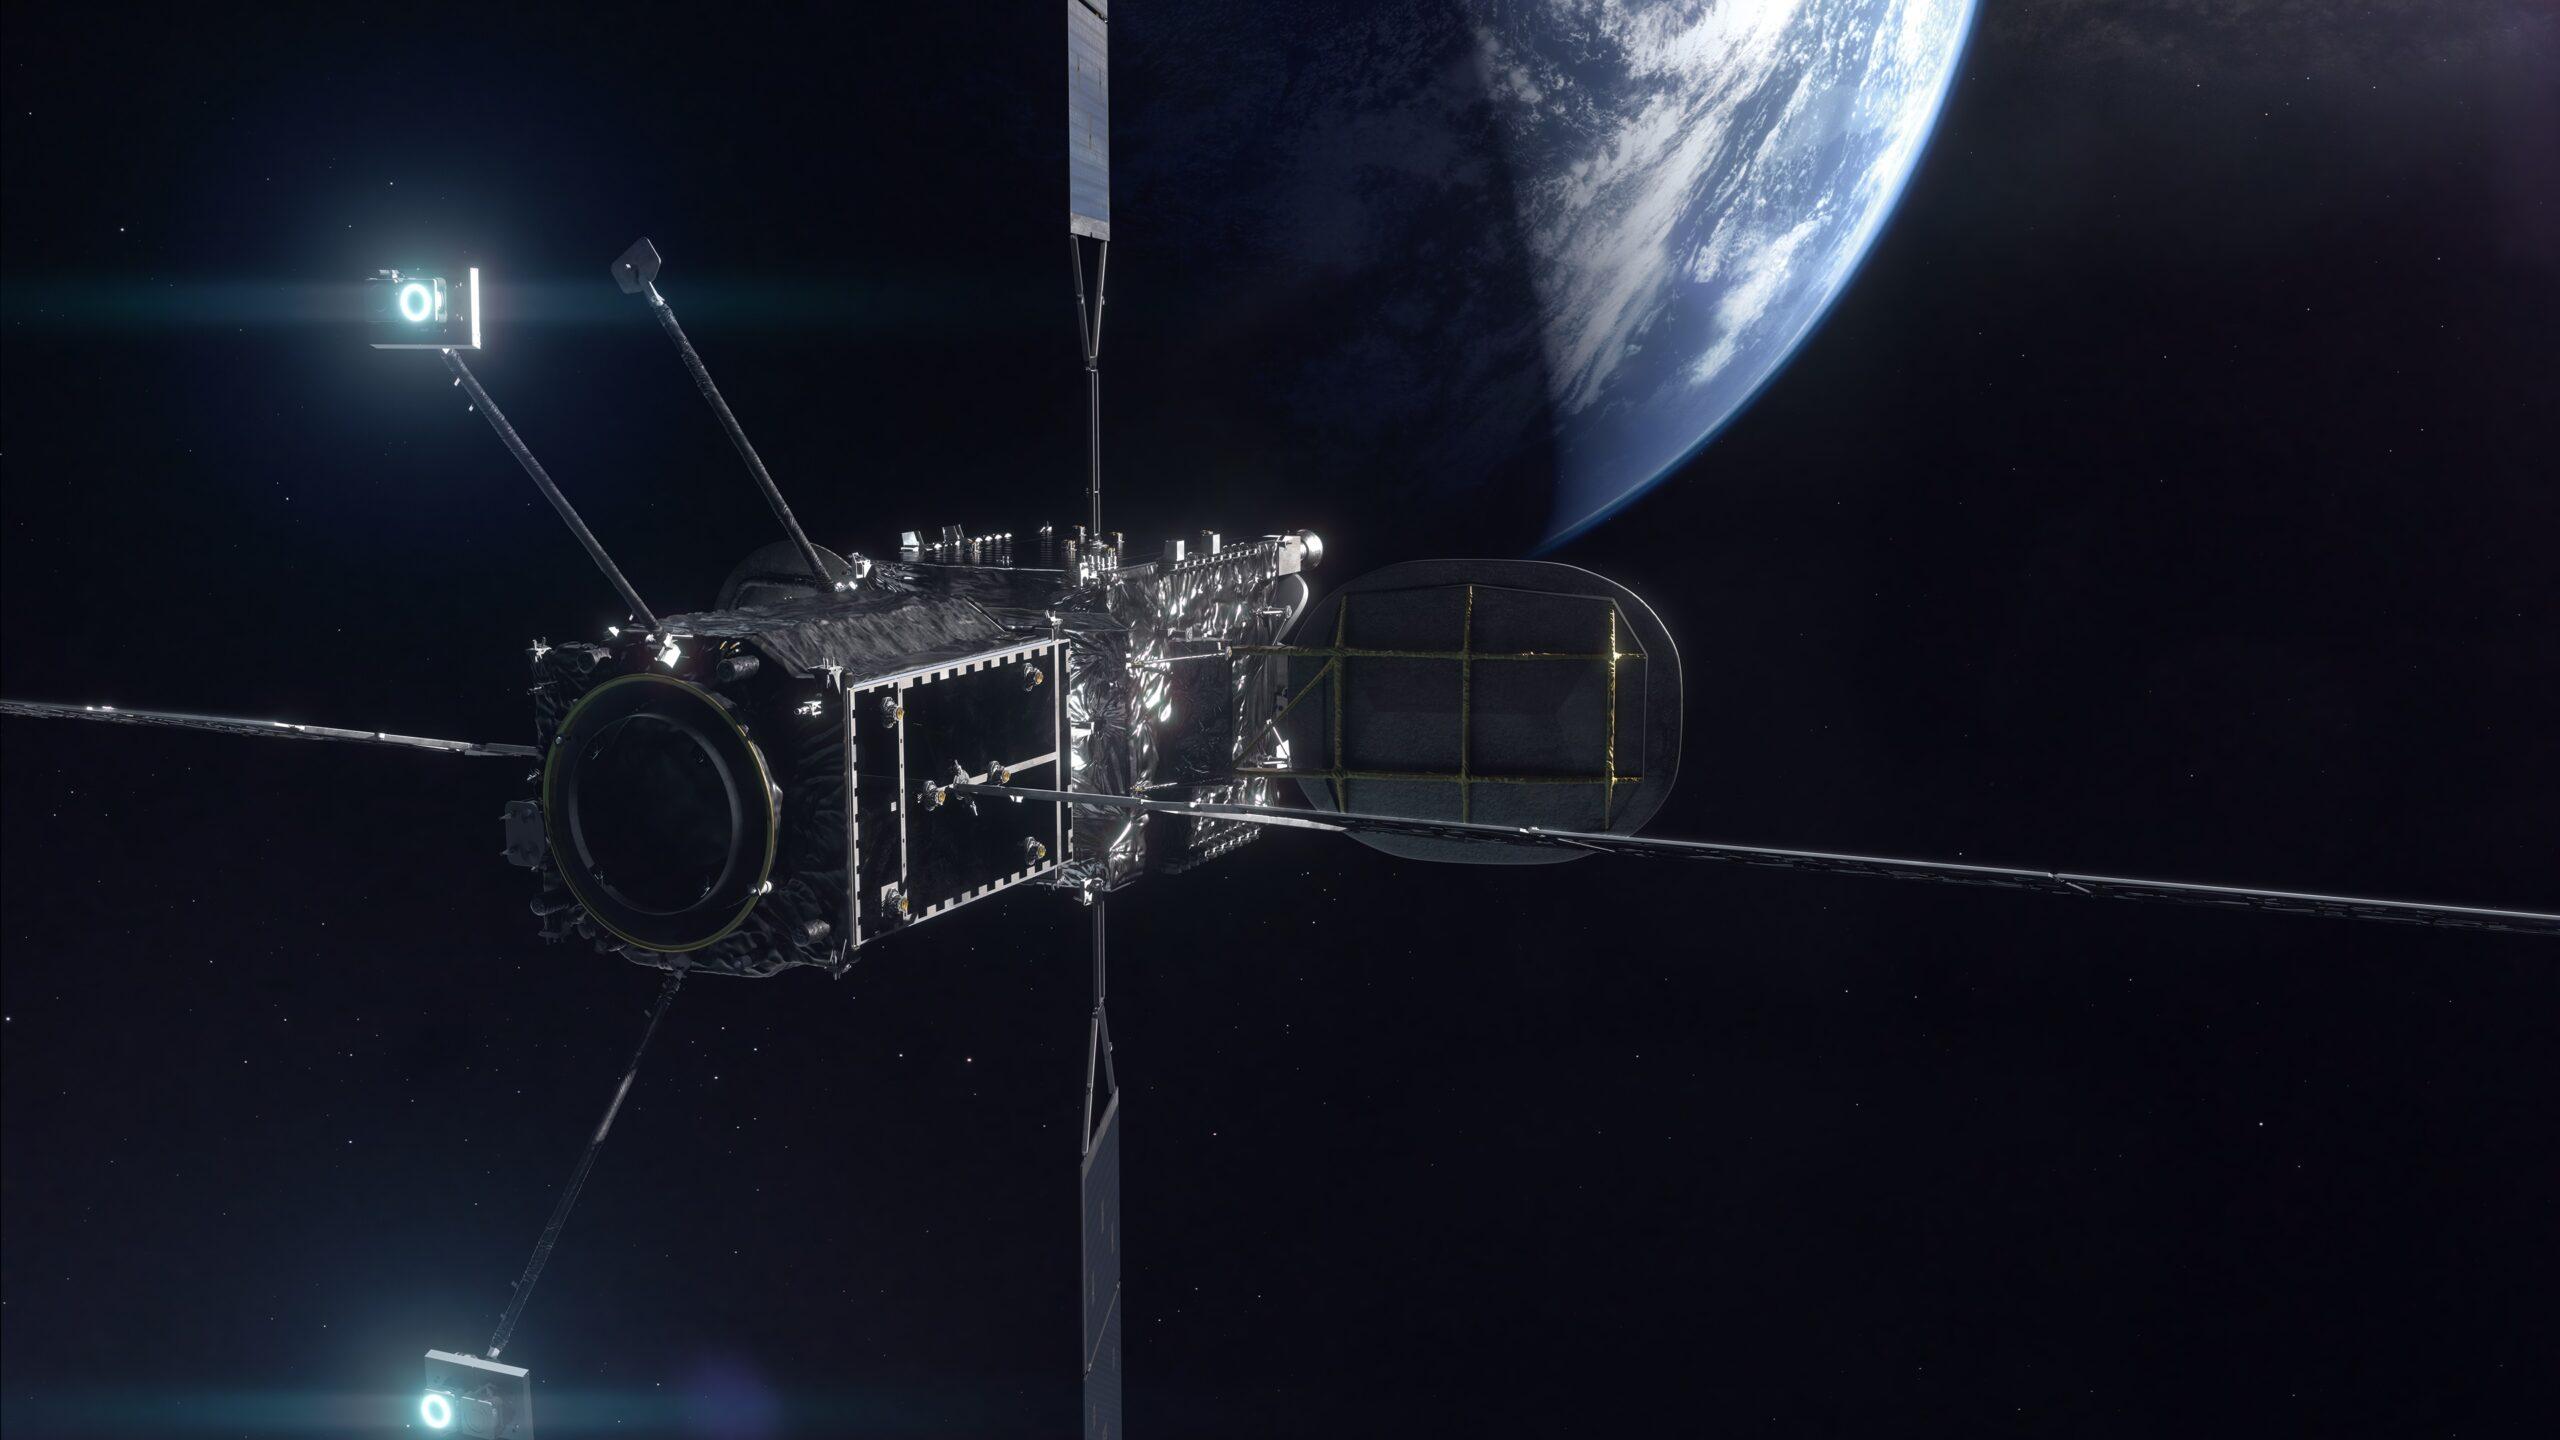 Northrop Grumman запустила на орбиту уже вторую сервисную станцию, которая оживляет спутники связи без топлива - 1